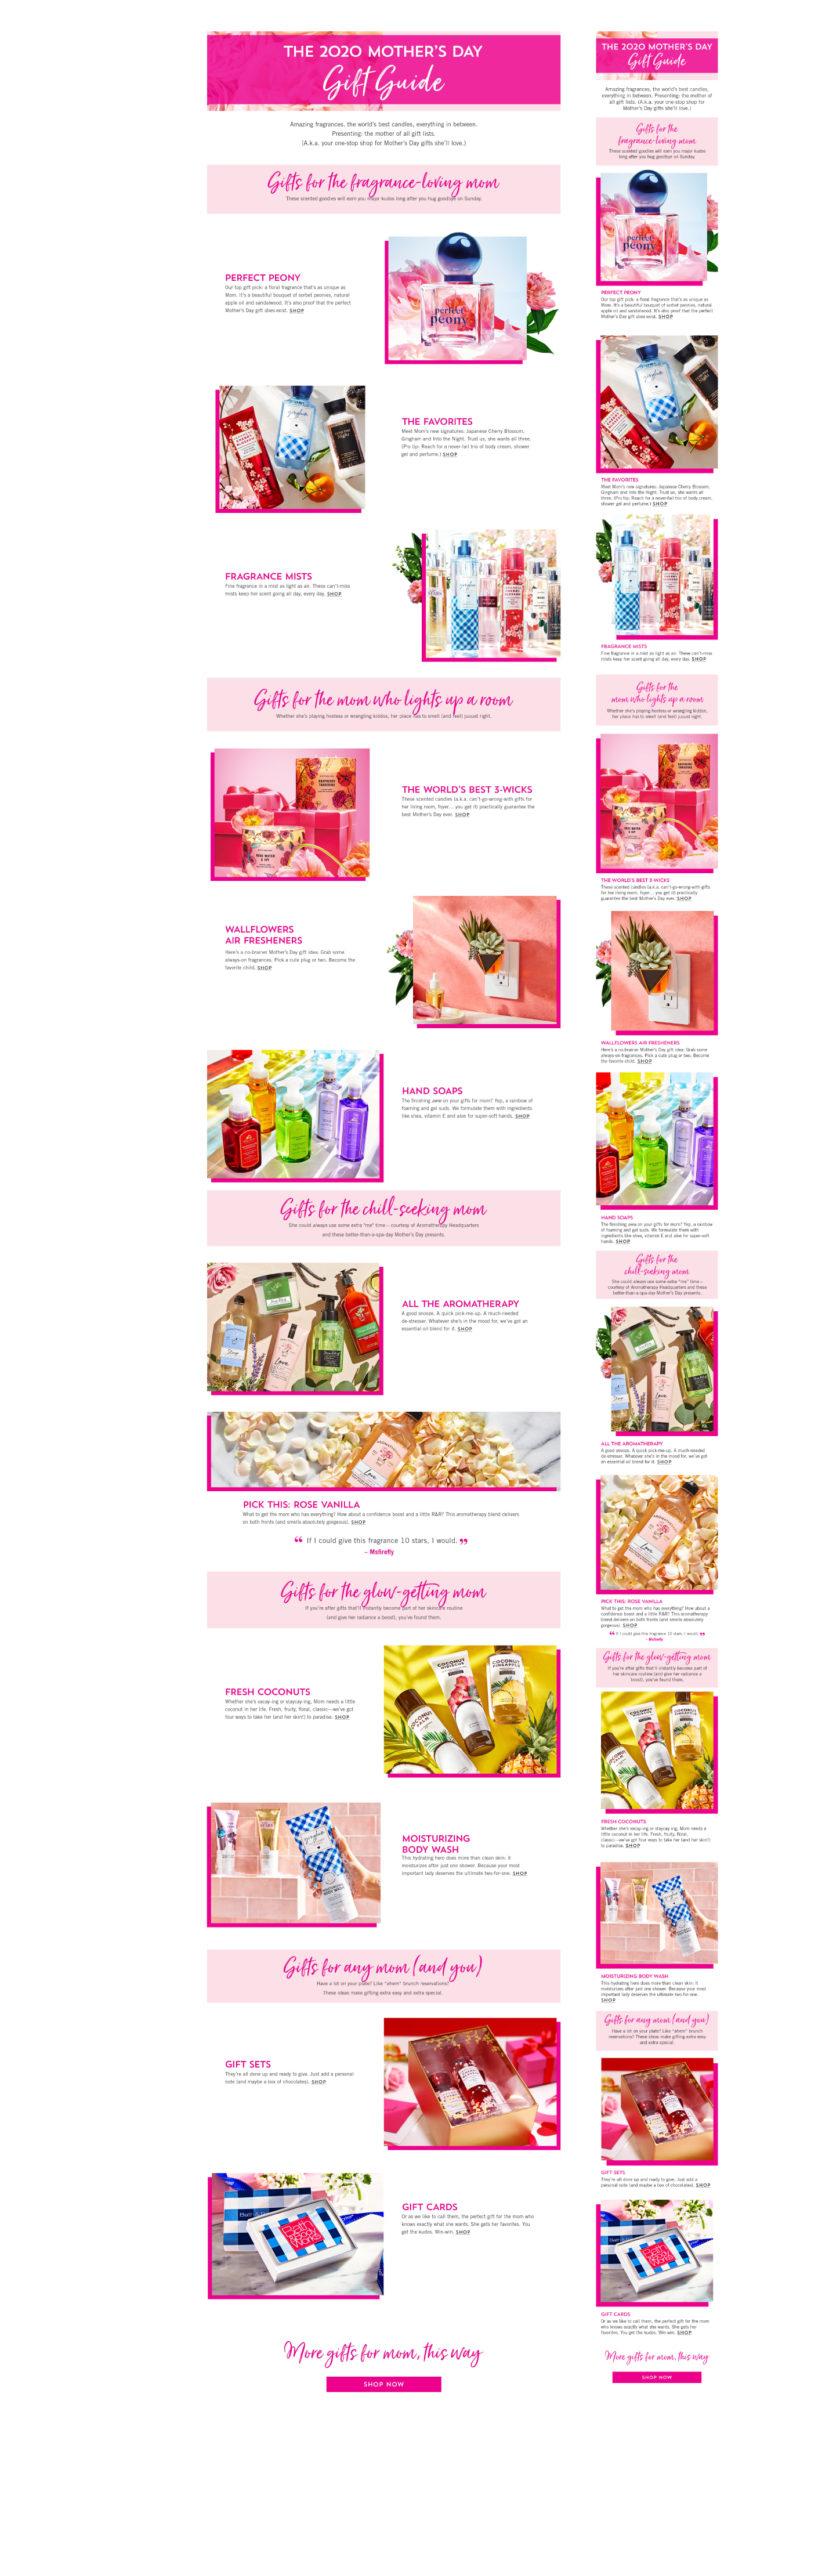 websiteimages_4